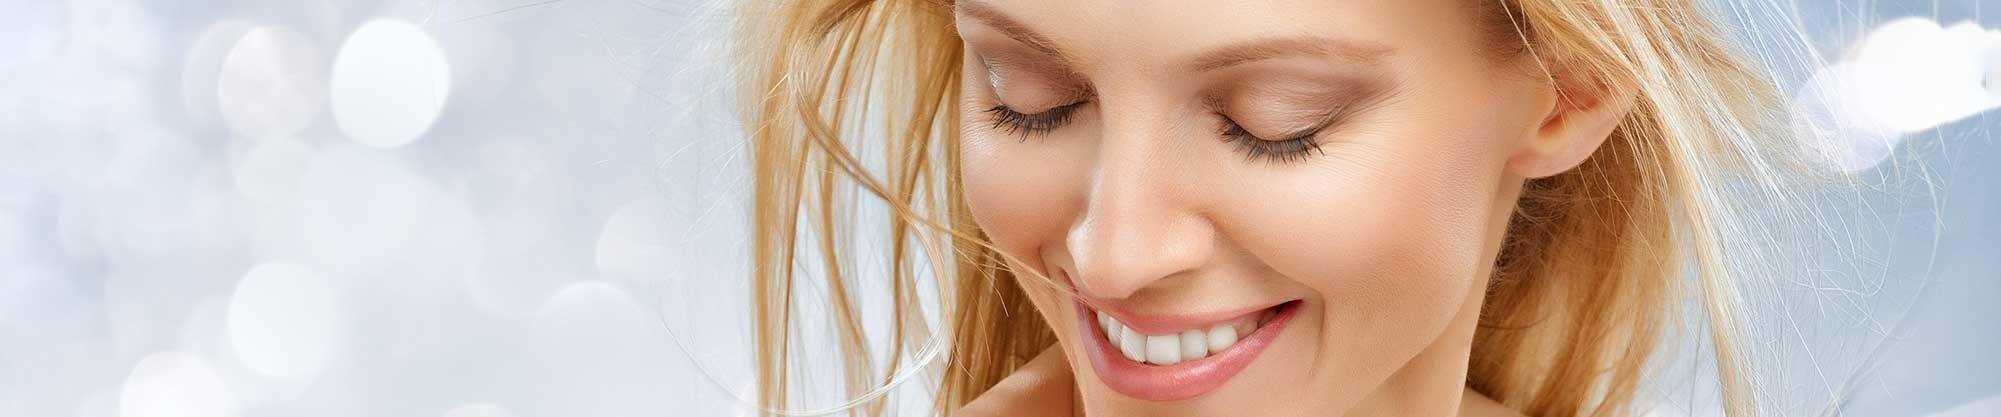 Farmacia Dermatológica A Flor De Piel - productos para la piel